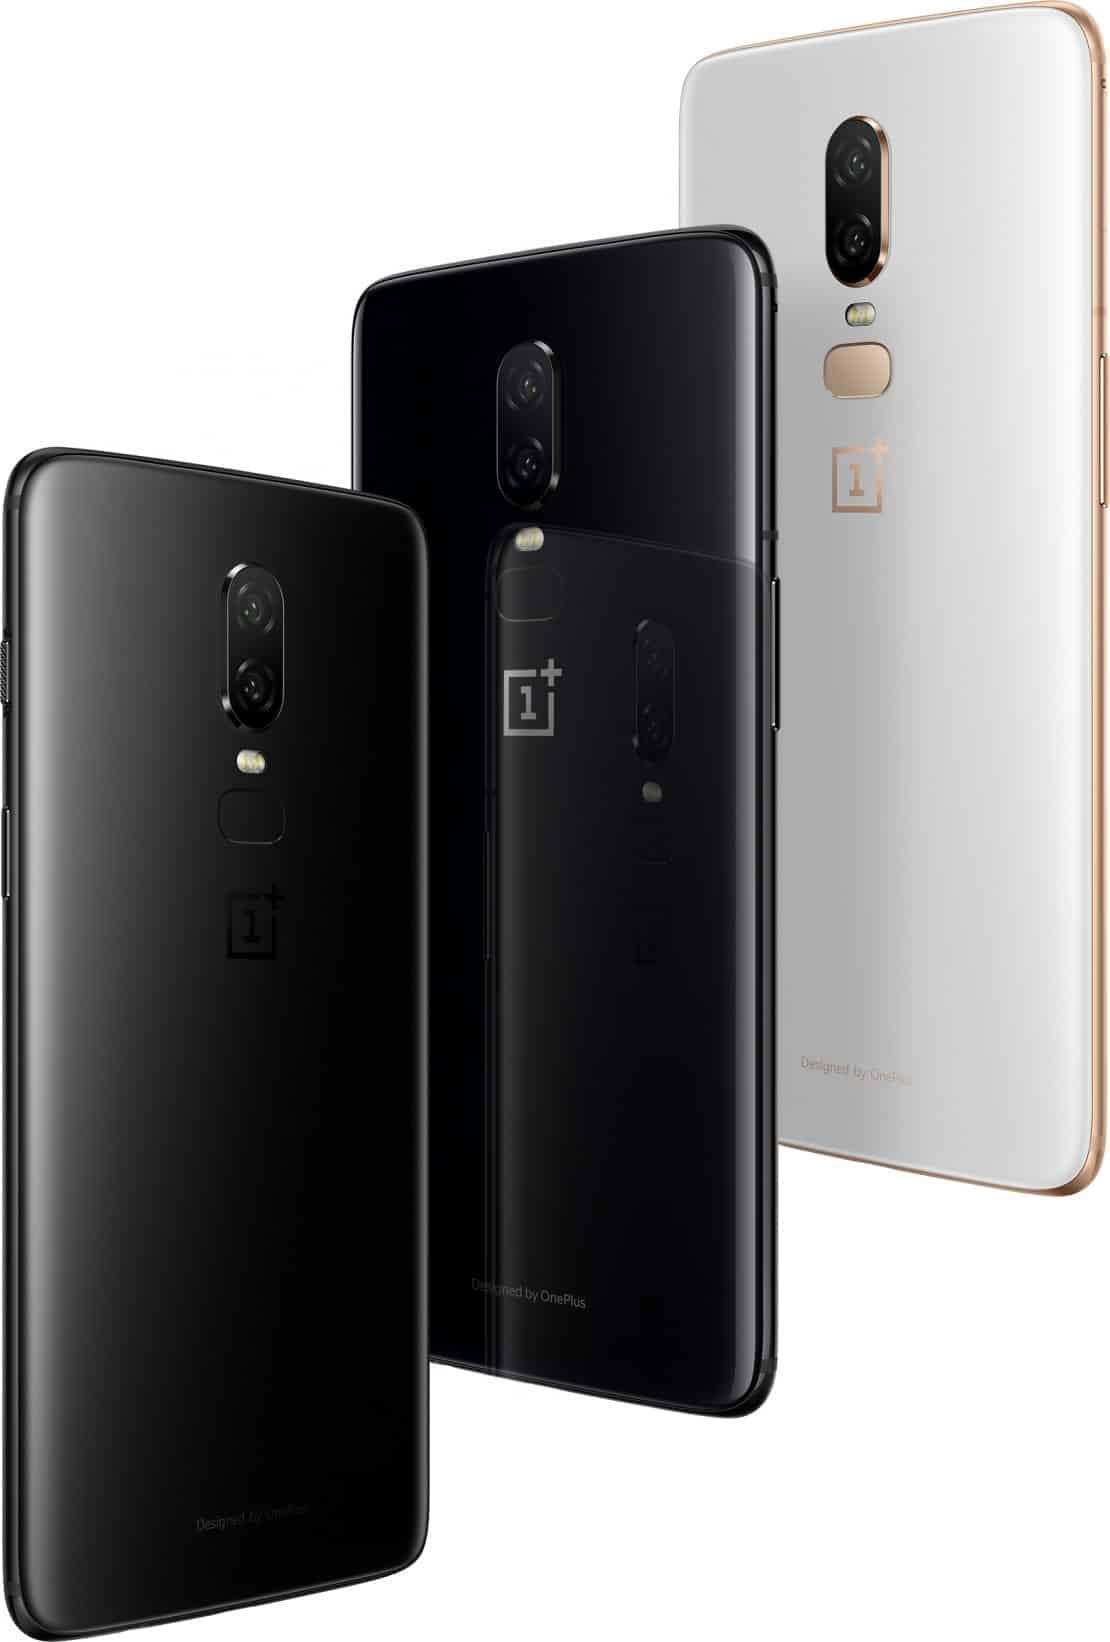 OnePlus 6 design 2